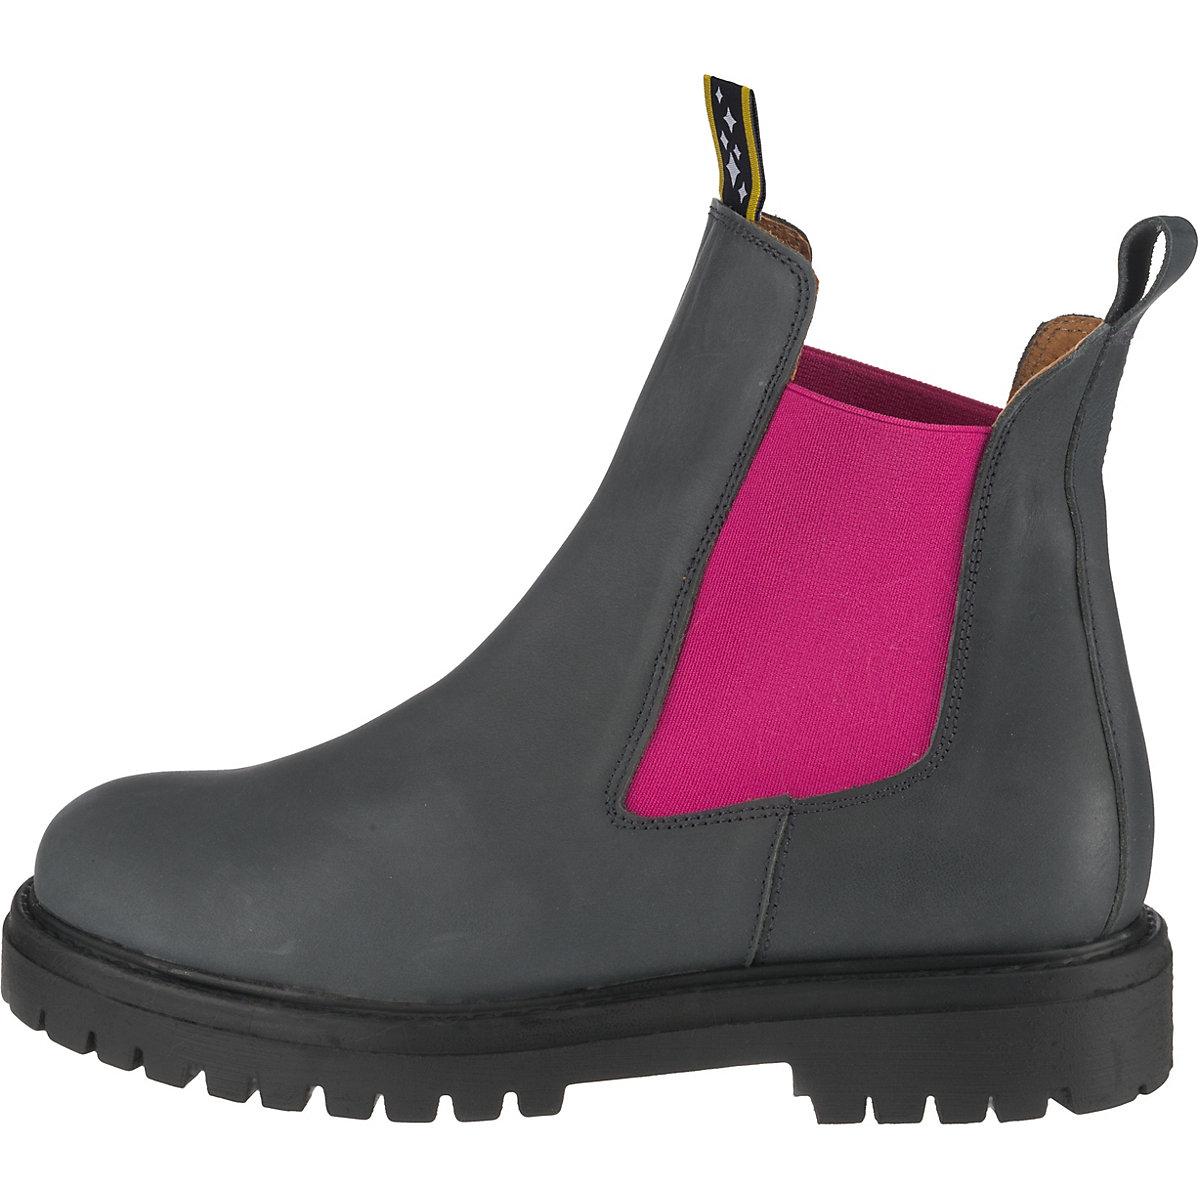 Jolana & Fenena, Chelsea Boots, Grau